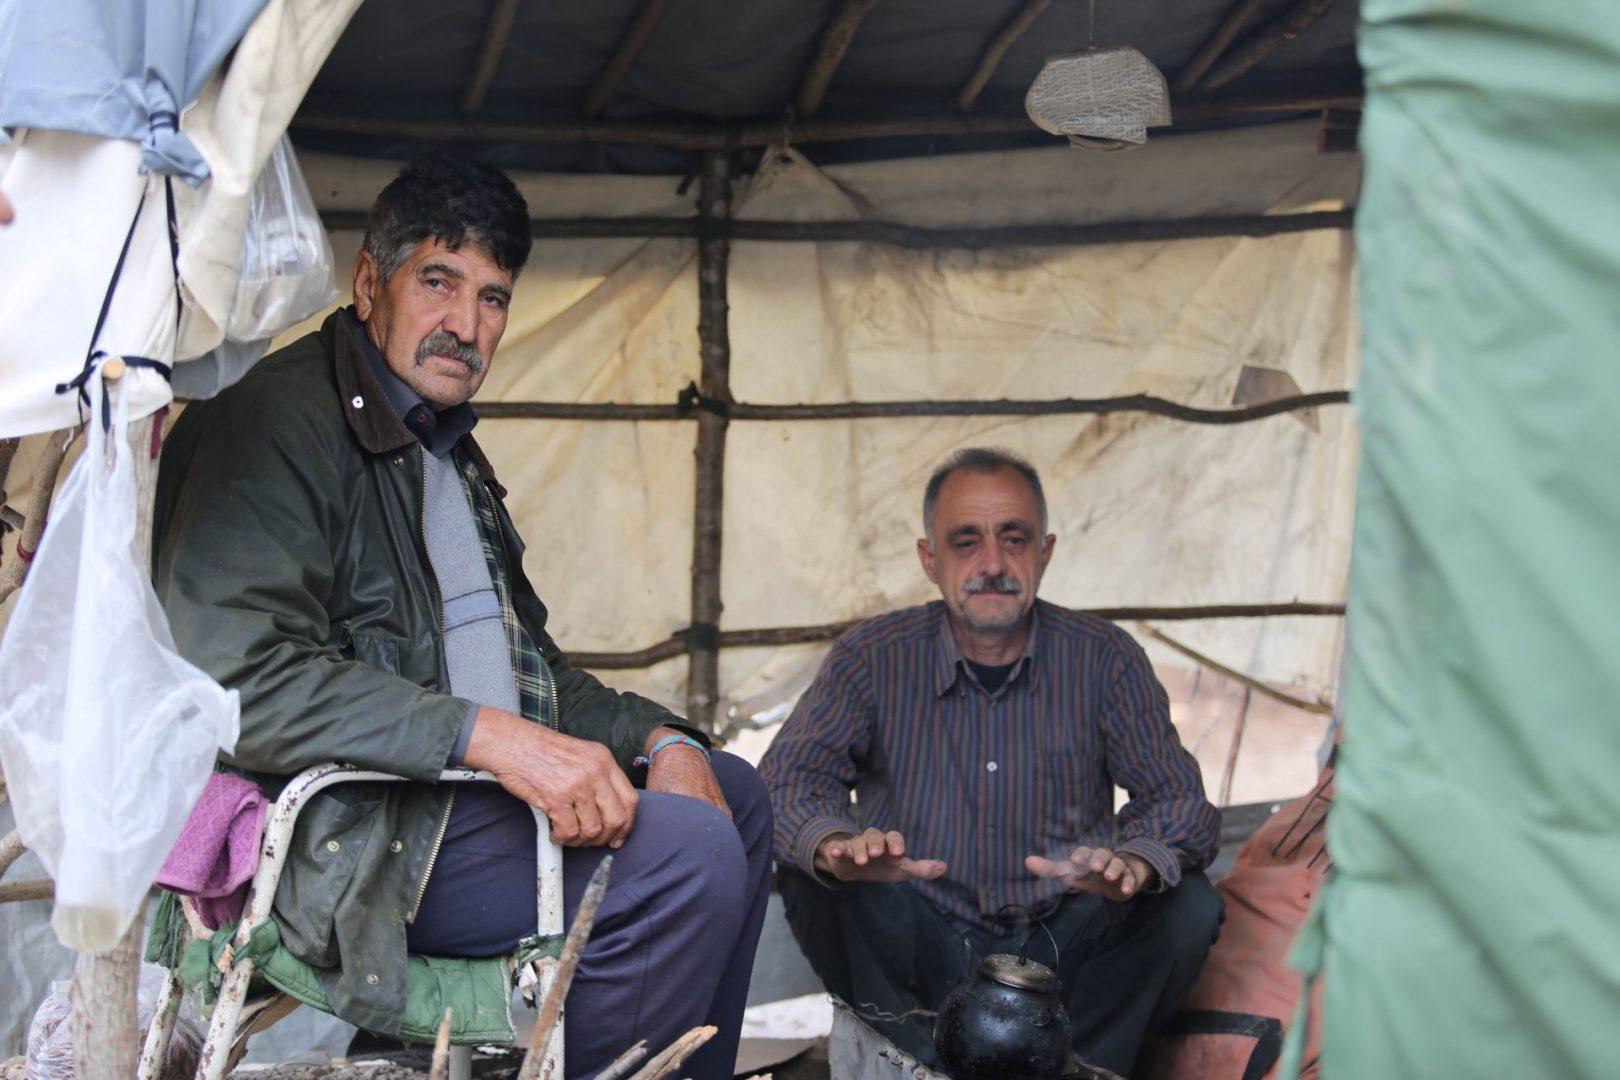 Focul și prietenia sunt singura sursă de căldură pe care refugiaţii o au în așteptarea iernii. (Foto: Alina Kartman | Semnele timpului)